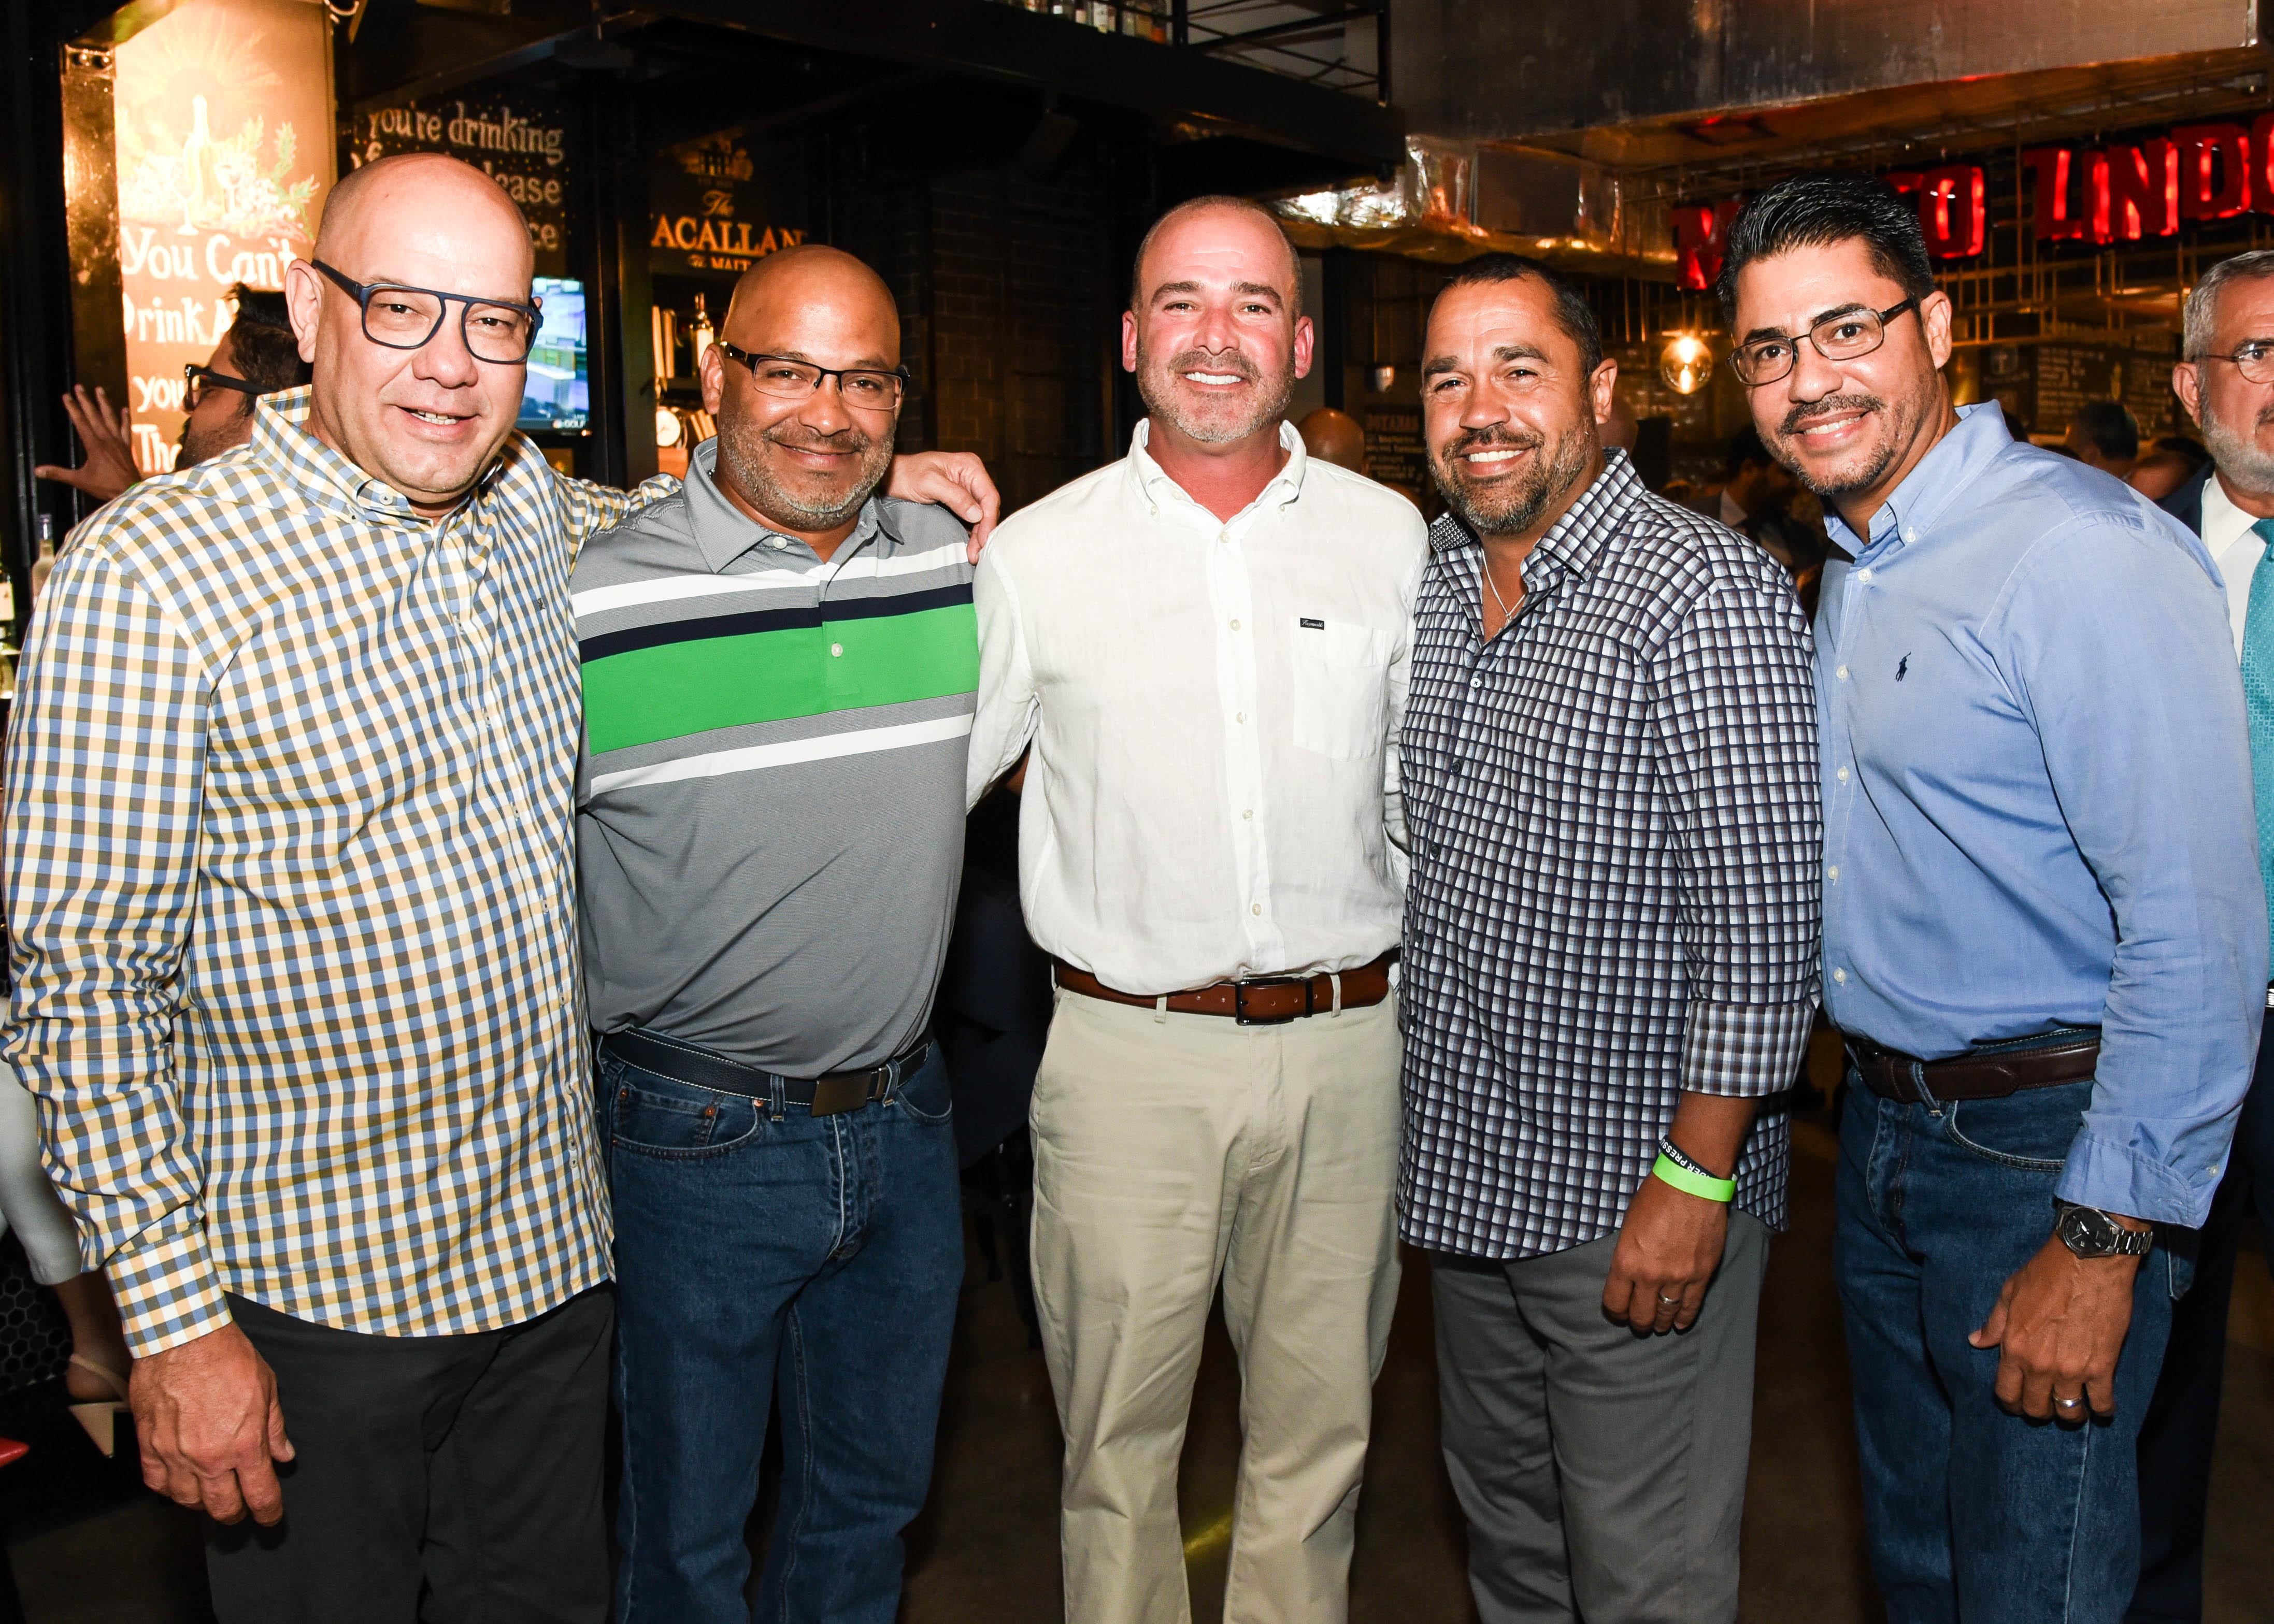 Ariel Rodríguez, Erickson Villeras, Ángel Buitrago, Omar Vázquez y Alberto Díaz. (Enid M. Salgado Mercado)